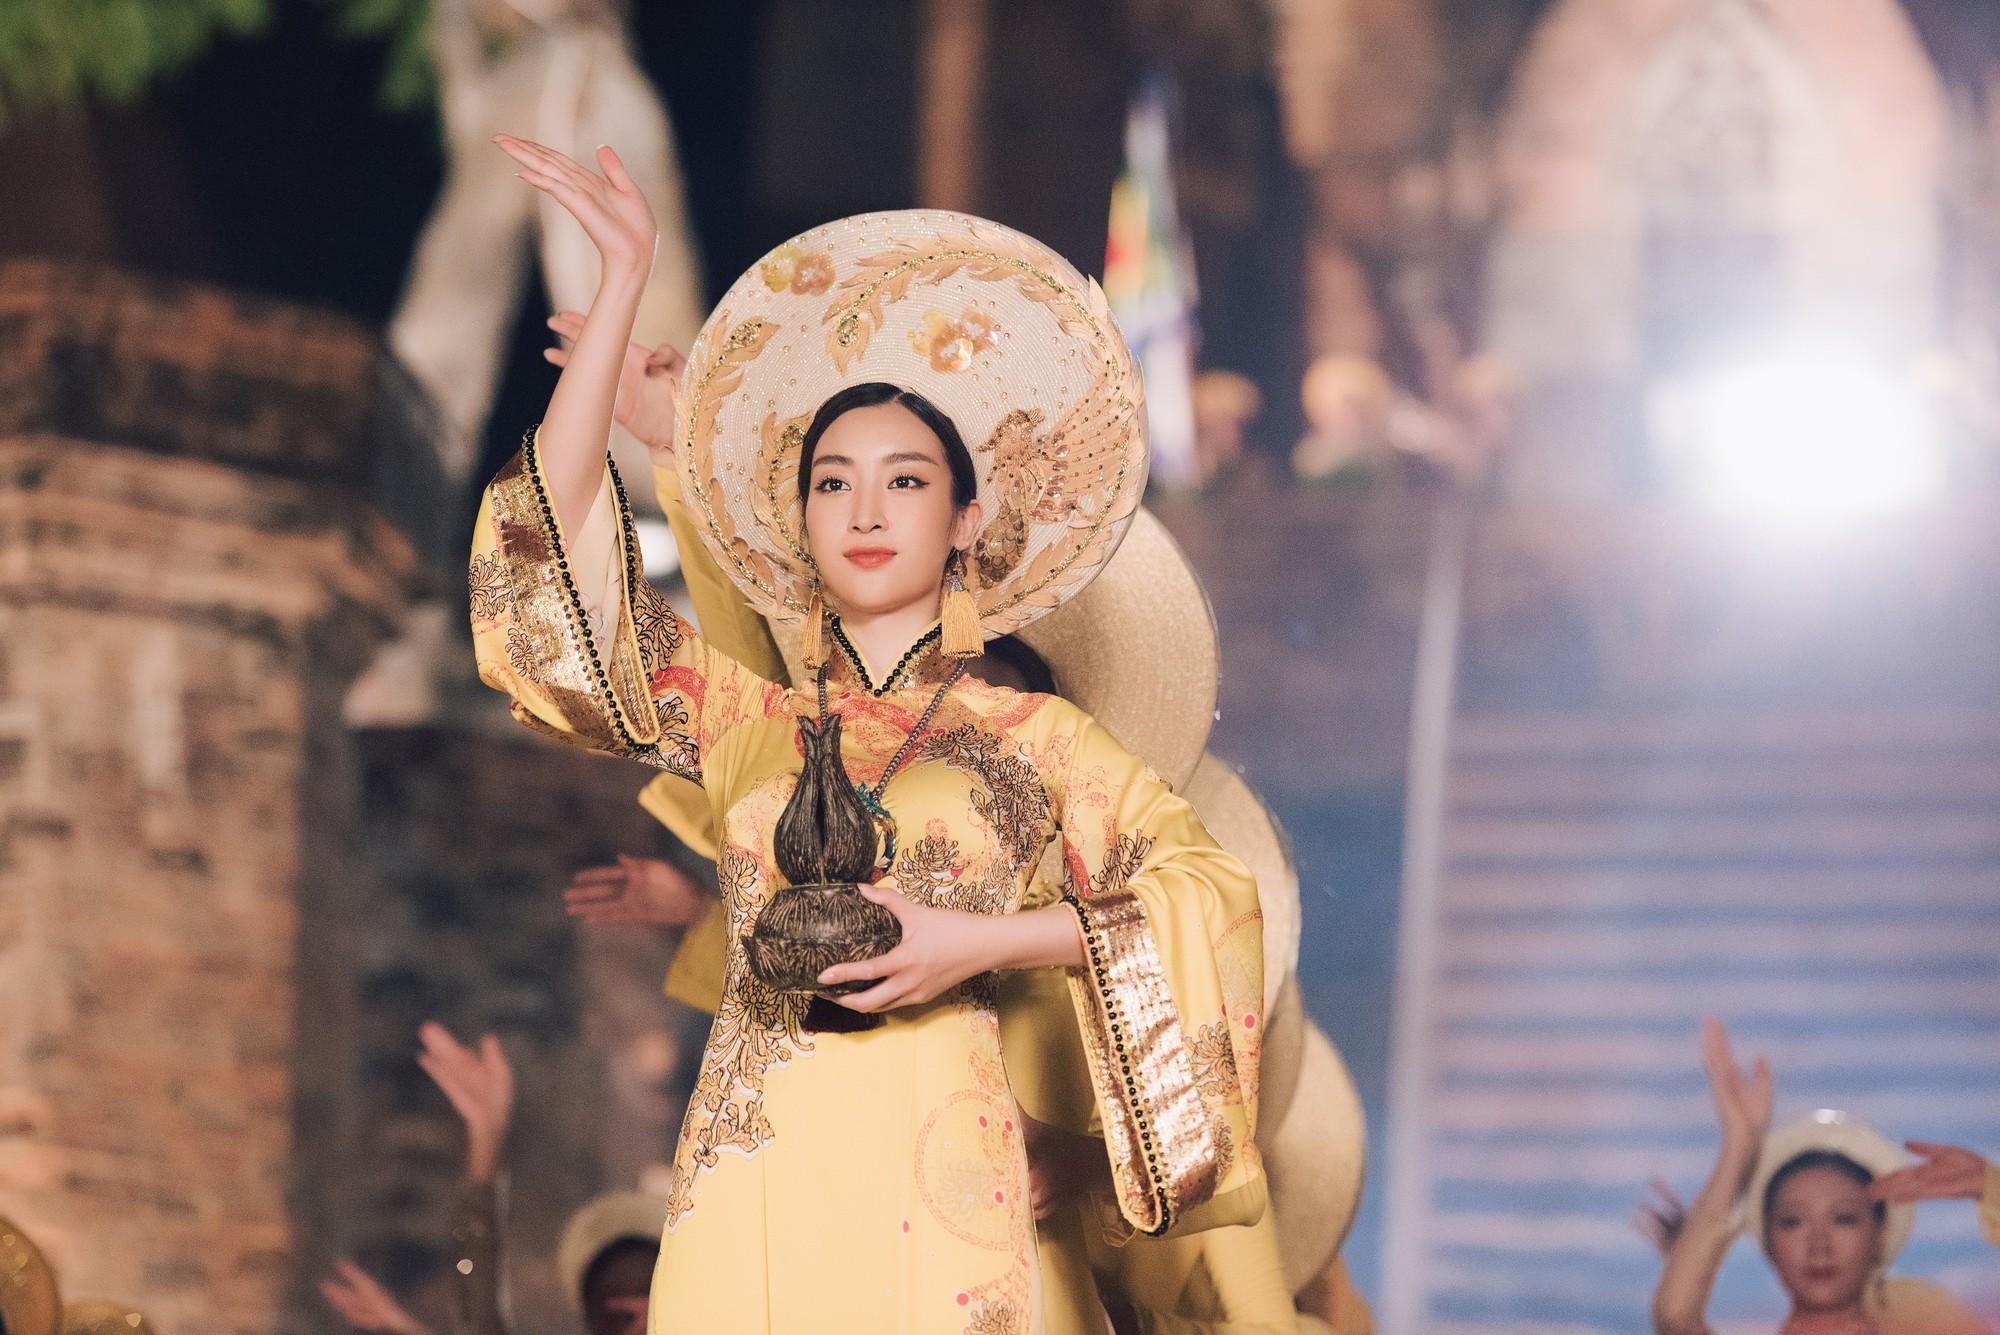 Đỗ Mỹ Linh trở thành đại sứ lễ hội Trầm hương Khánh Hòa - Ảnh 3.